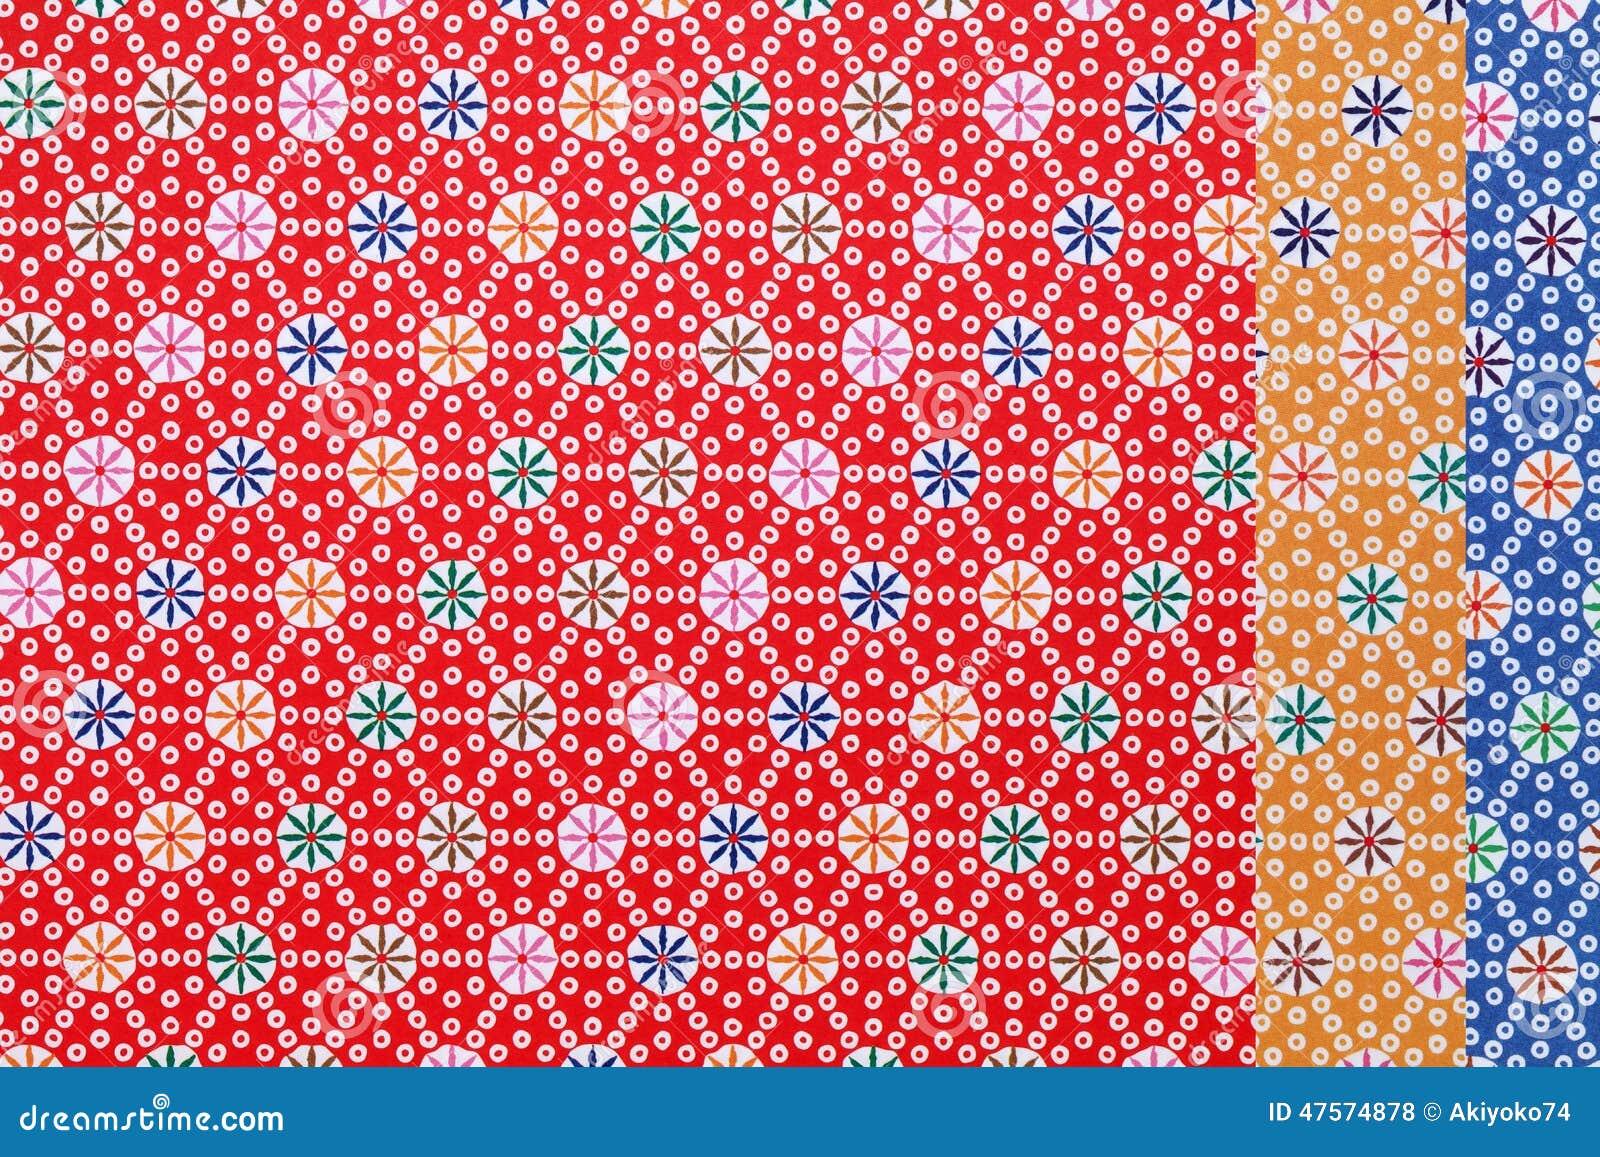 papier japonais d 39 origami de mod le photo stock image. Black Bedroom Furniture Sets. Home Design Ideas